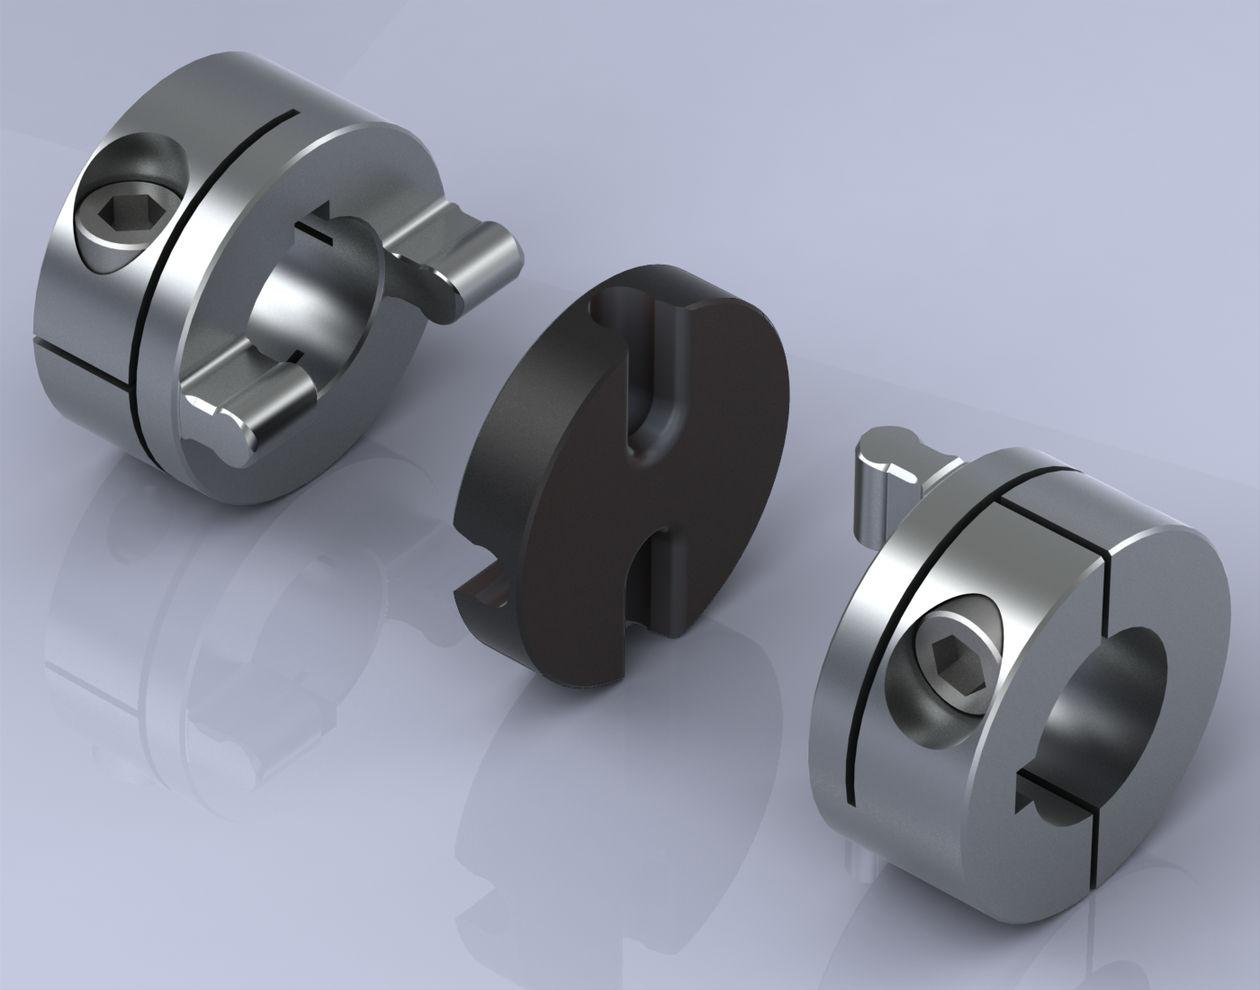 Oldham coupling - UC series - OEP Couplings